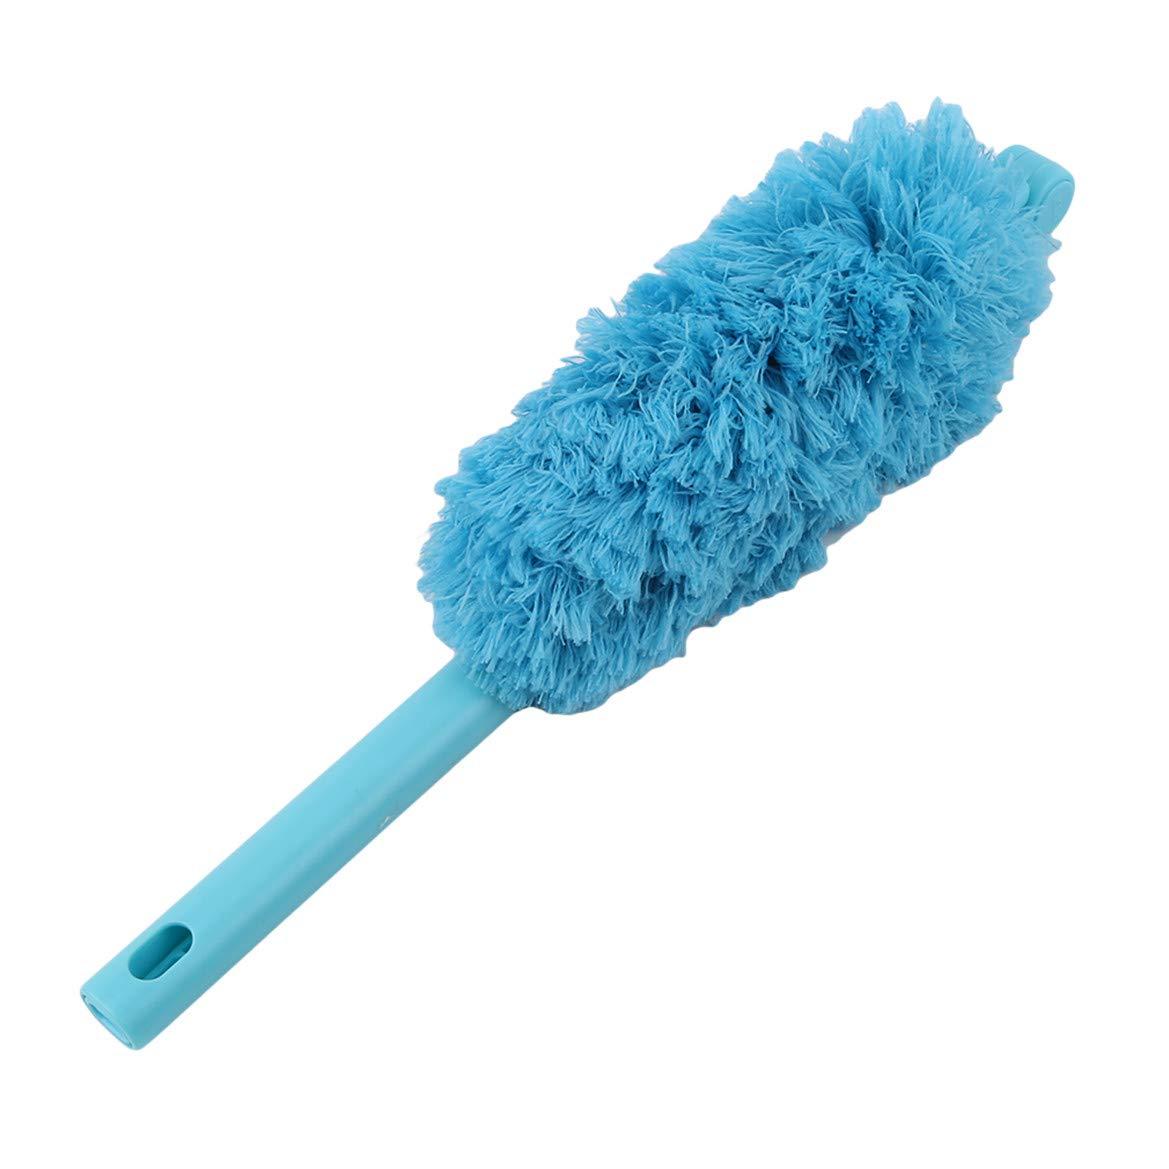 Blanc Beafavor Microfibre Duster avec rallonge pour outils de nettoyage /électrostatiques domestiques